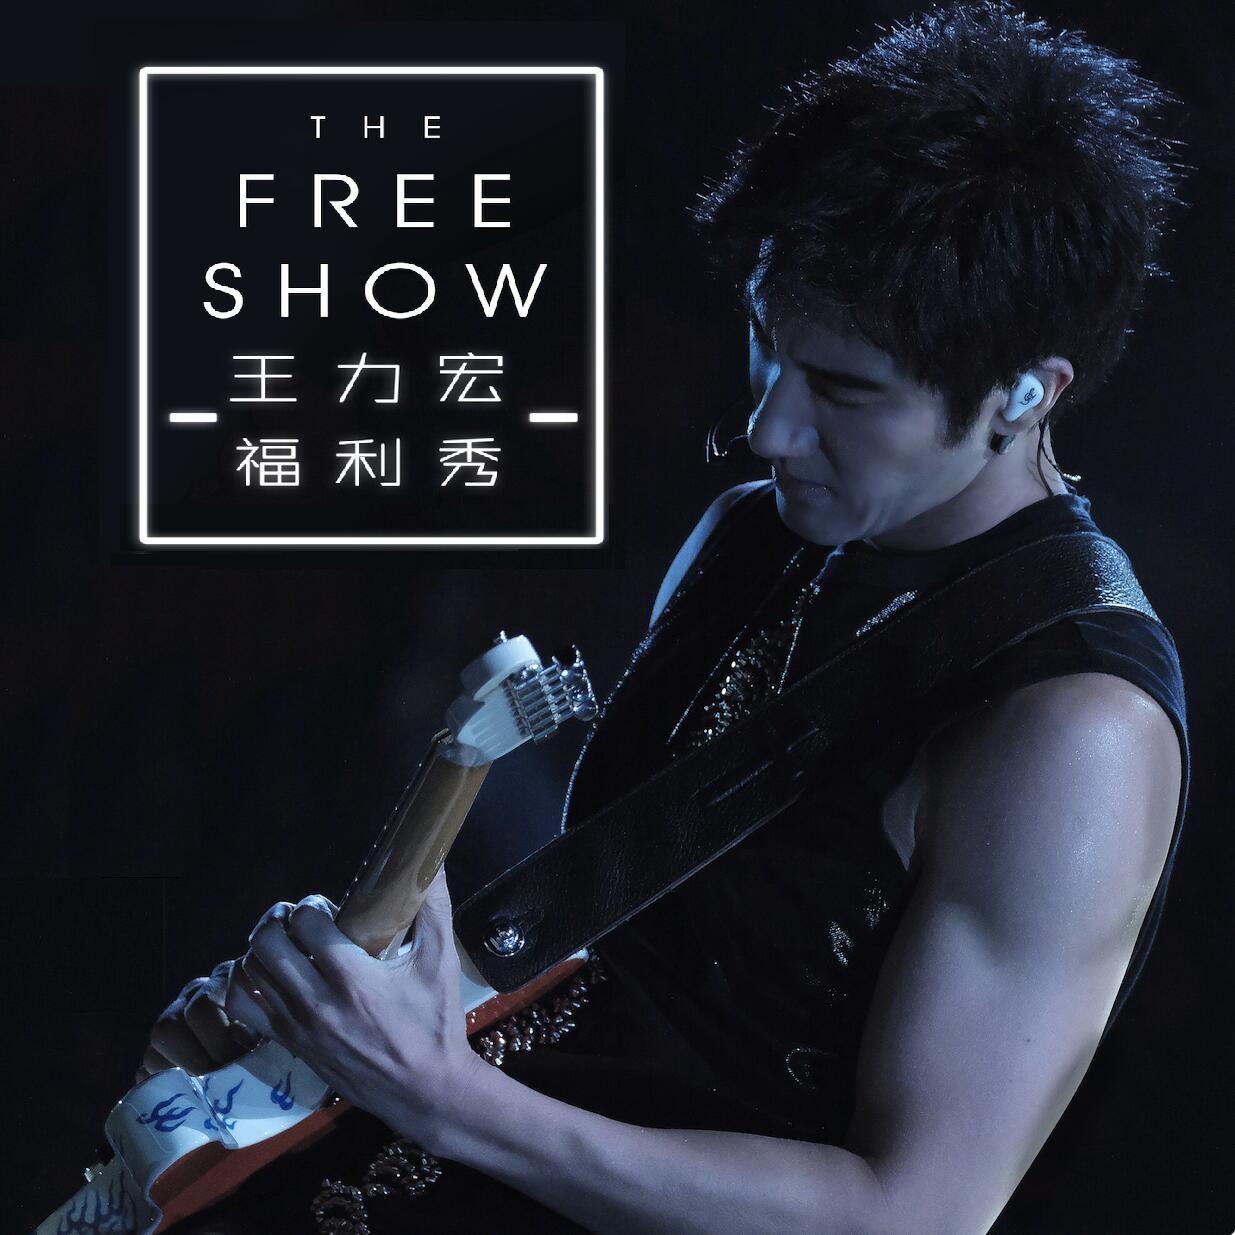 王力宏 (Leehom Wang) – 2019福利秀臺北大安森林公園LIVE專輯 (2019) [FLAC 24bit/48kHz]